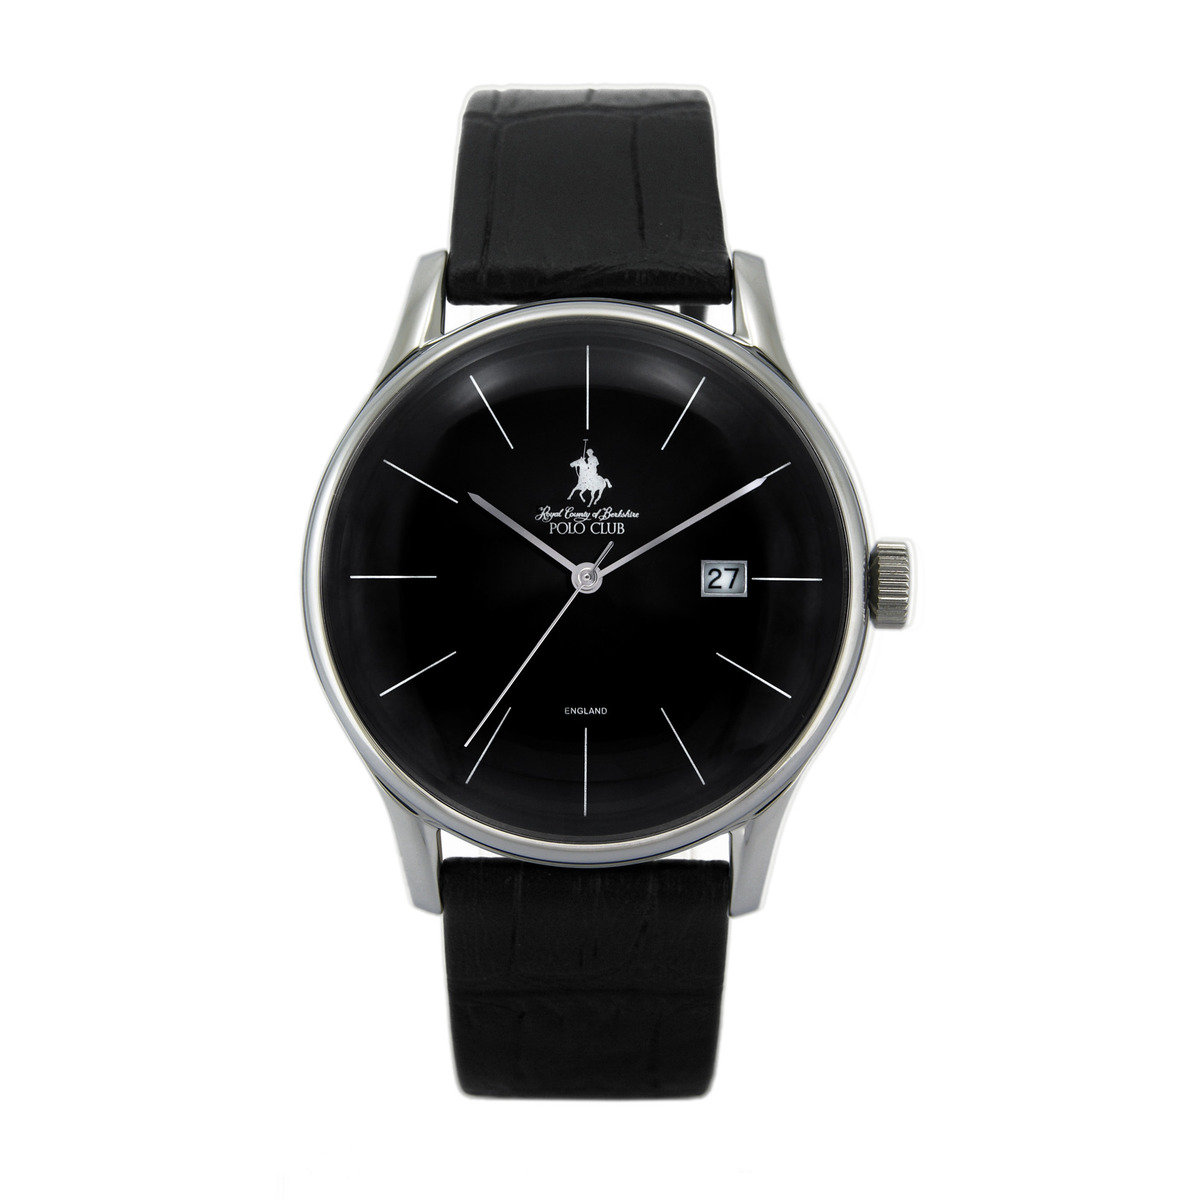 PL207-932BK Watch